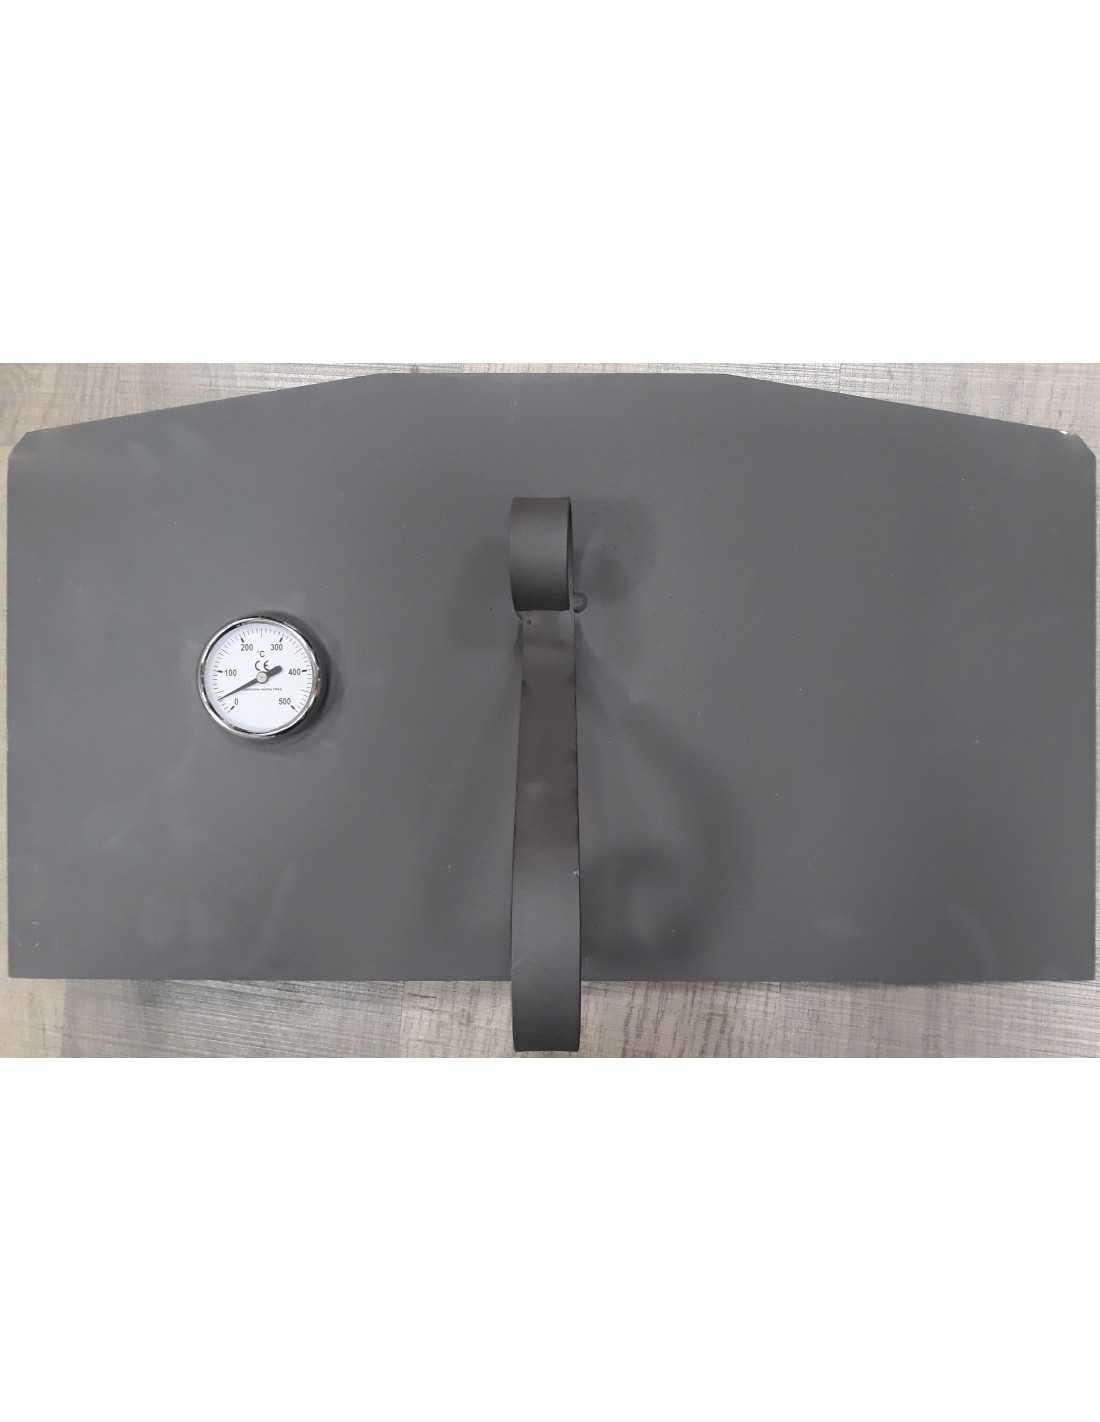 Sportello Per Forno A Legna Con Termometro Stufa a legna la nordica rosella plus forno evo. sportello per forno a legna con termometro